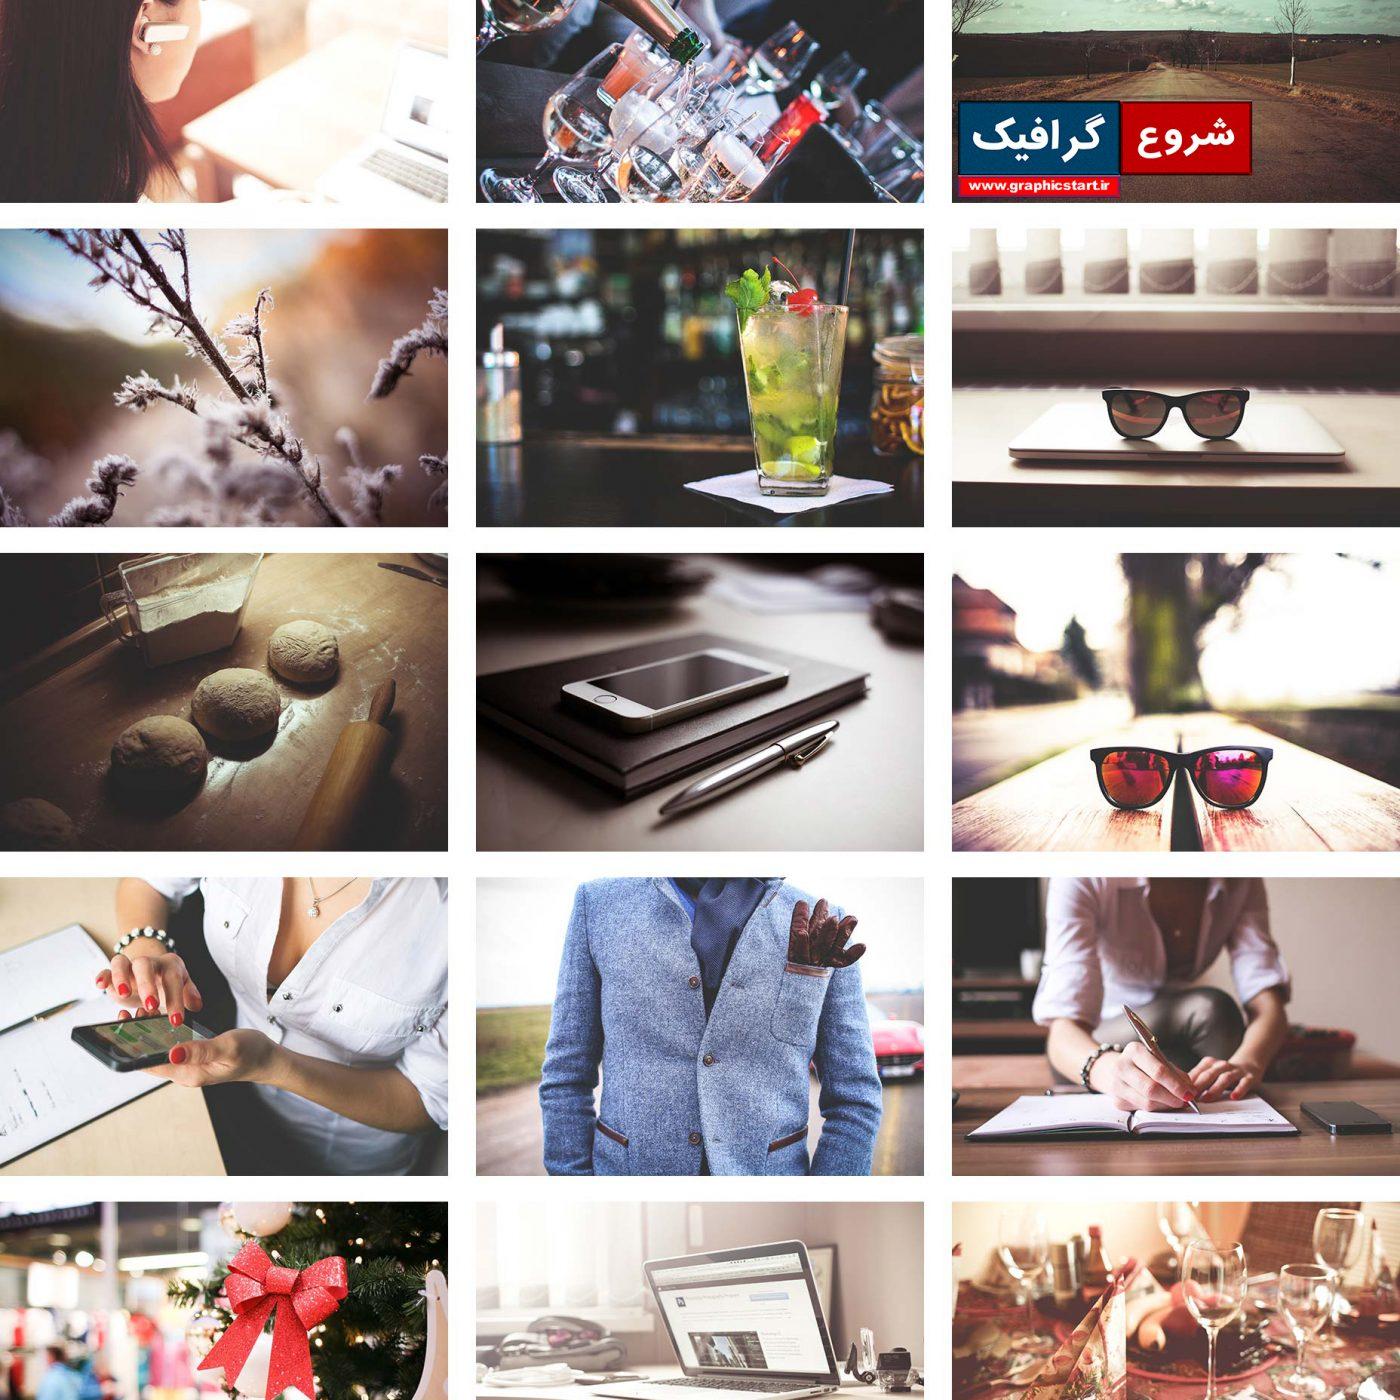 دانلود 100 عکس برتر و شگفت انگیز سایت پیجمبو